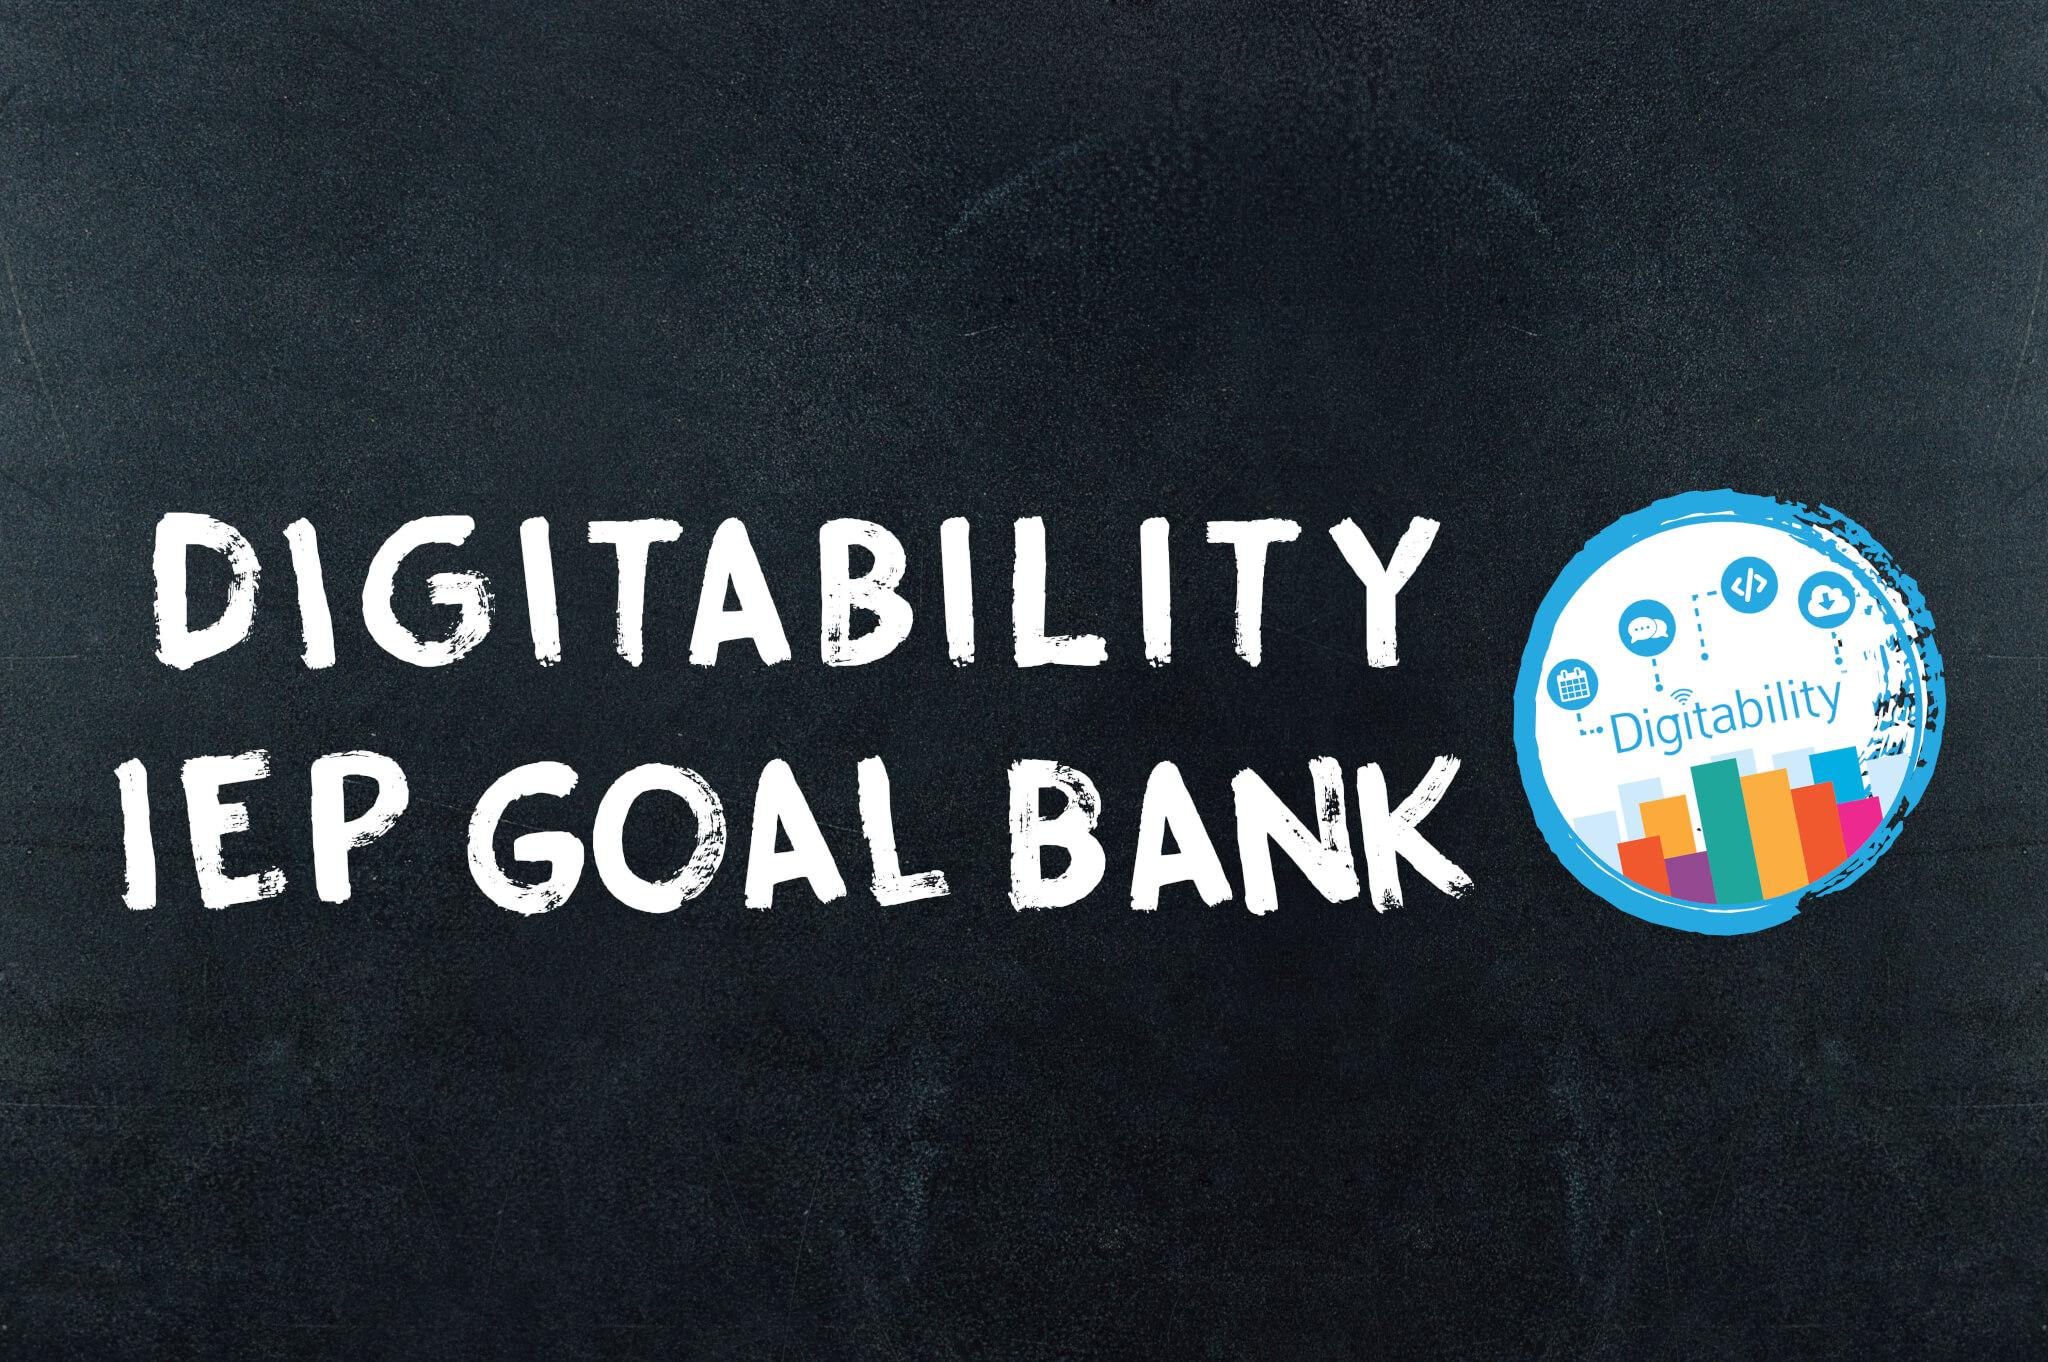 blackboard iep goal bank image